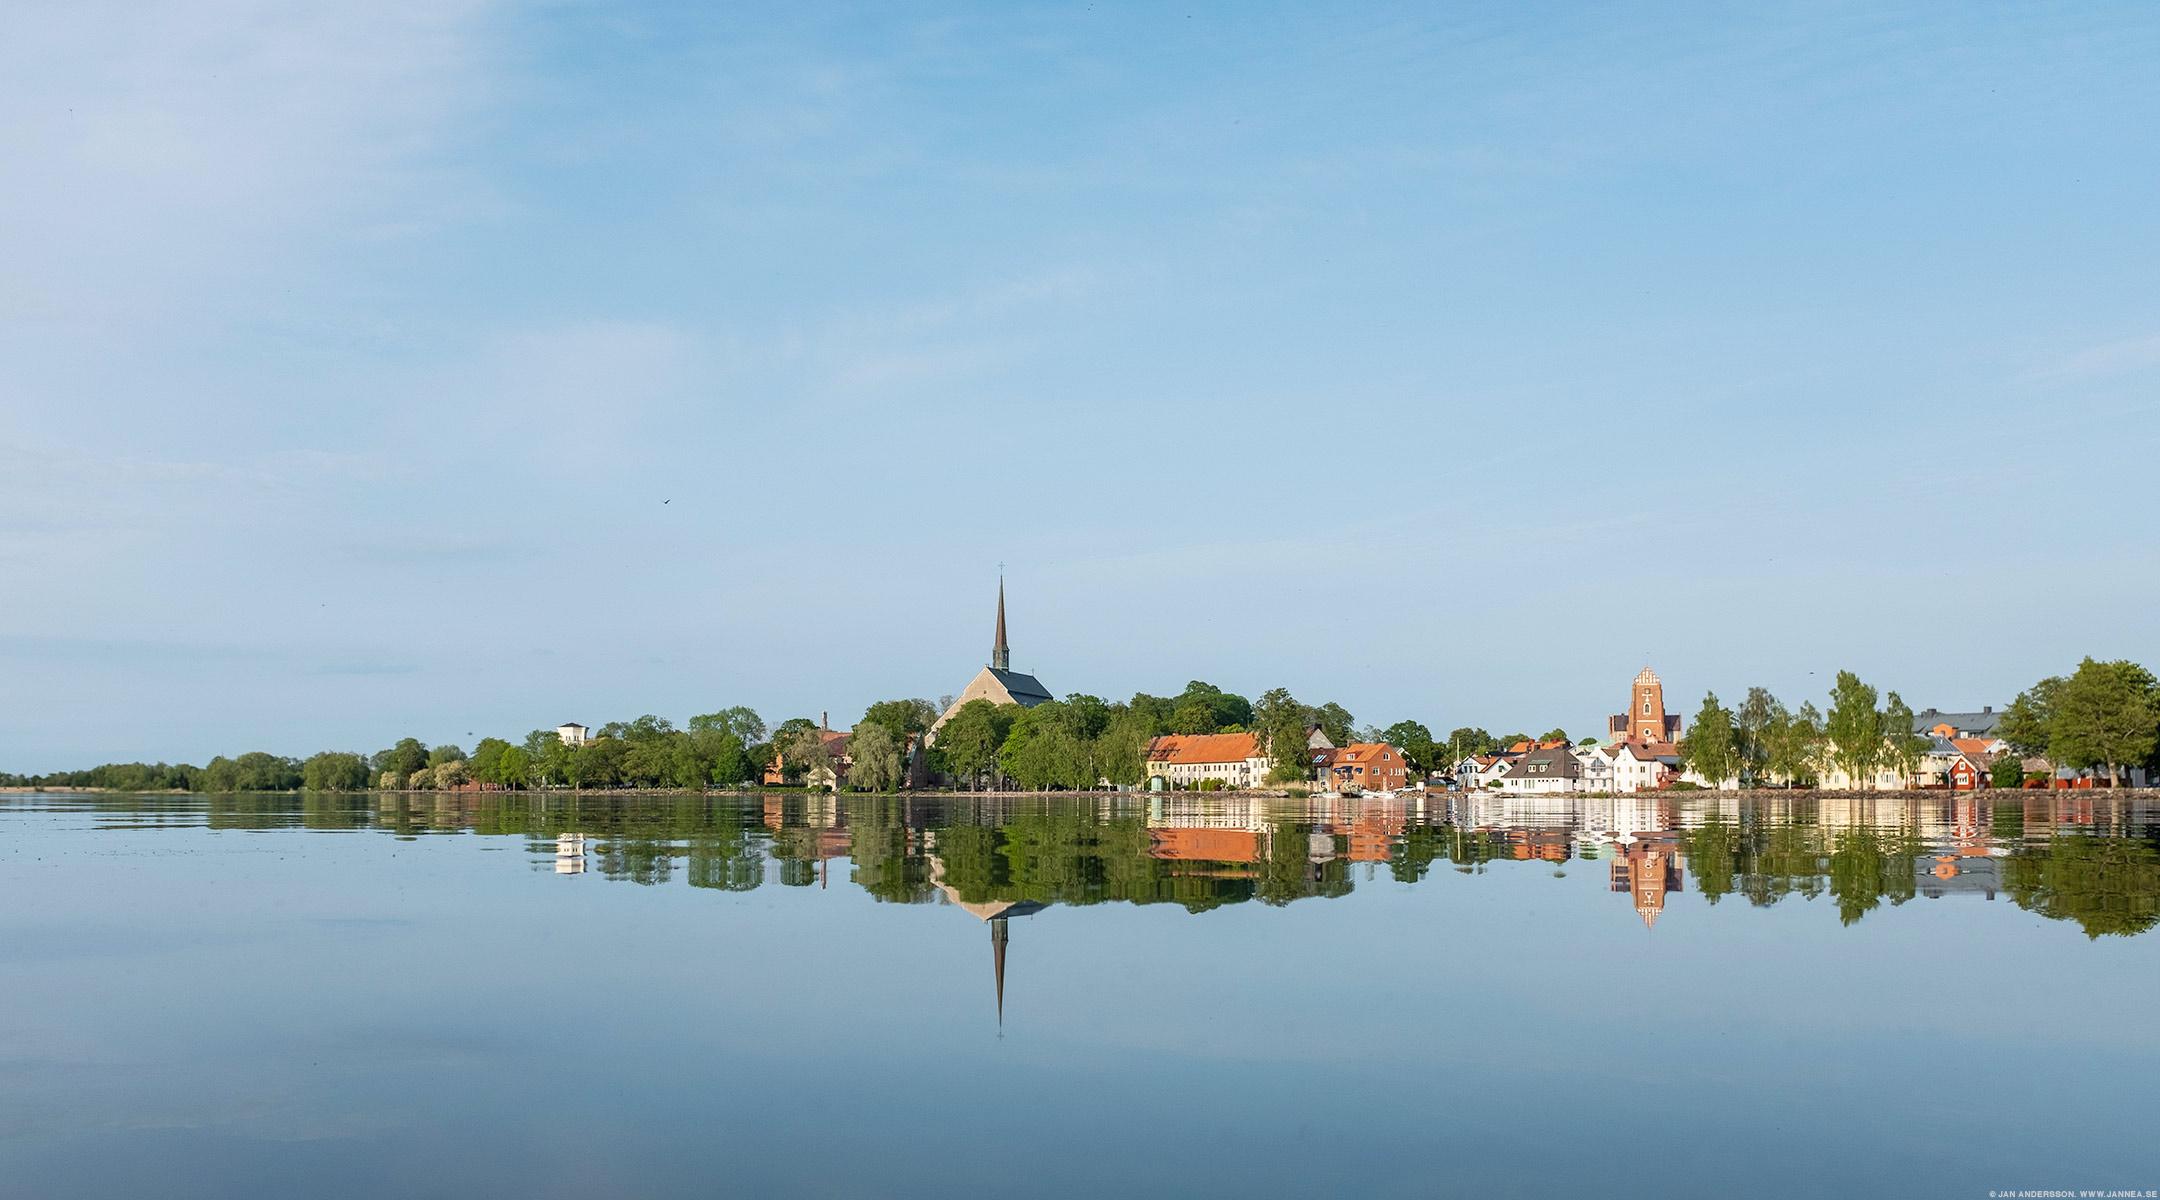 Världens vackraste Vadstena och en alldeles stilla sommarkväll|© Jan Andersson